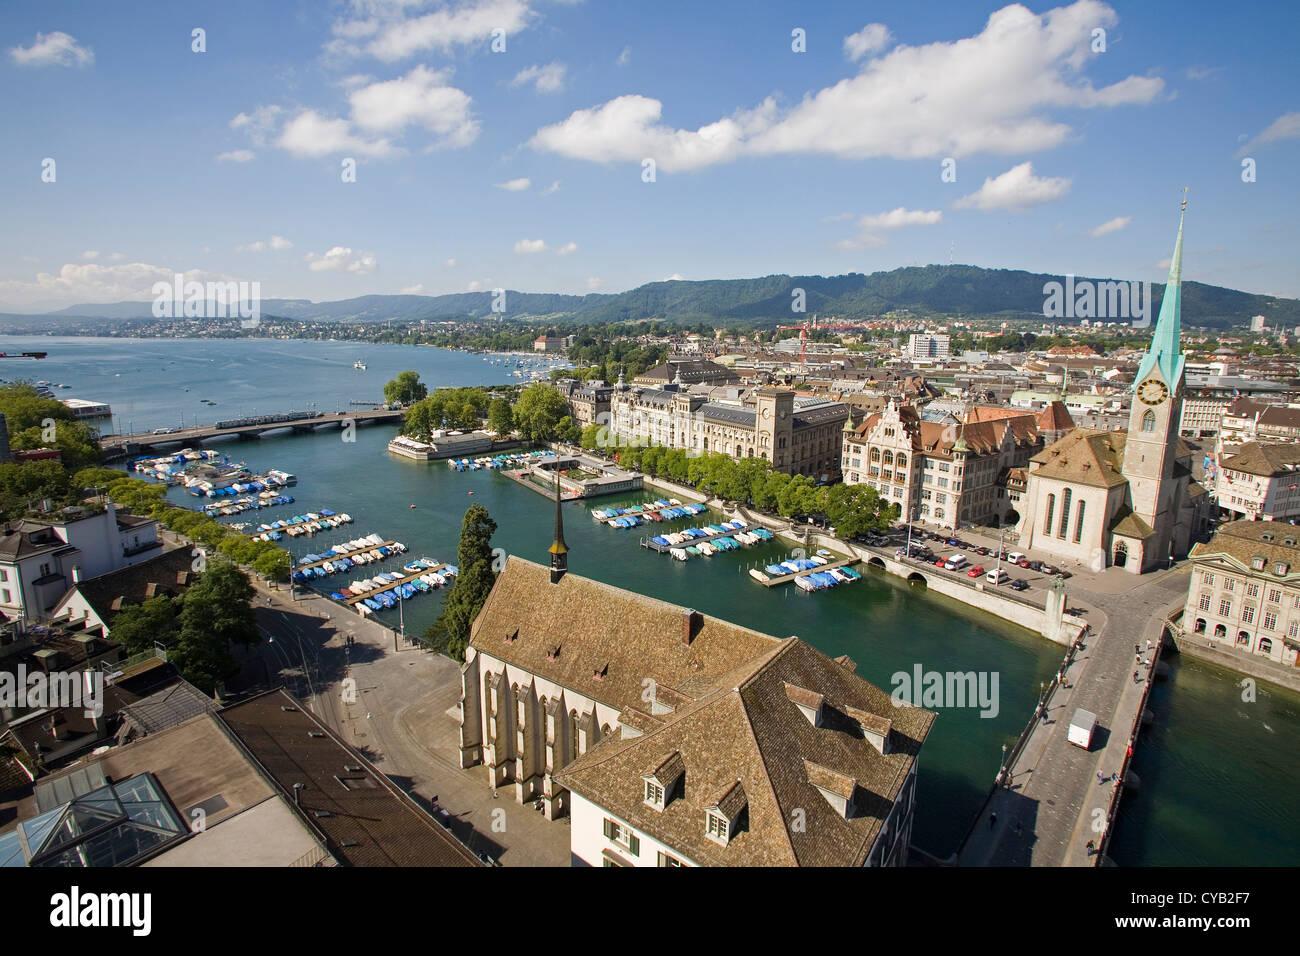 europe, switzerland, zurich, limmat river and lake of zurich - Stock Image